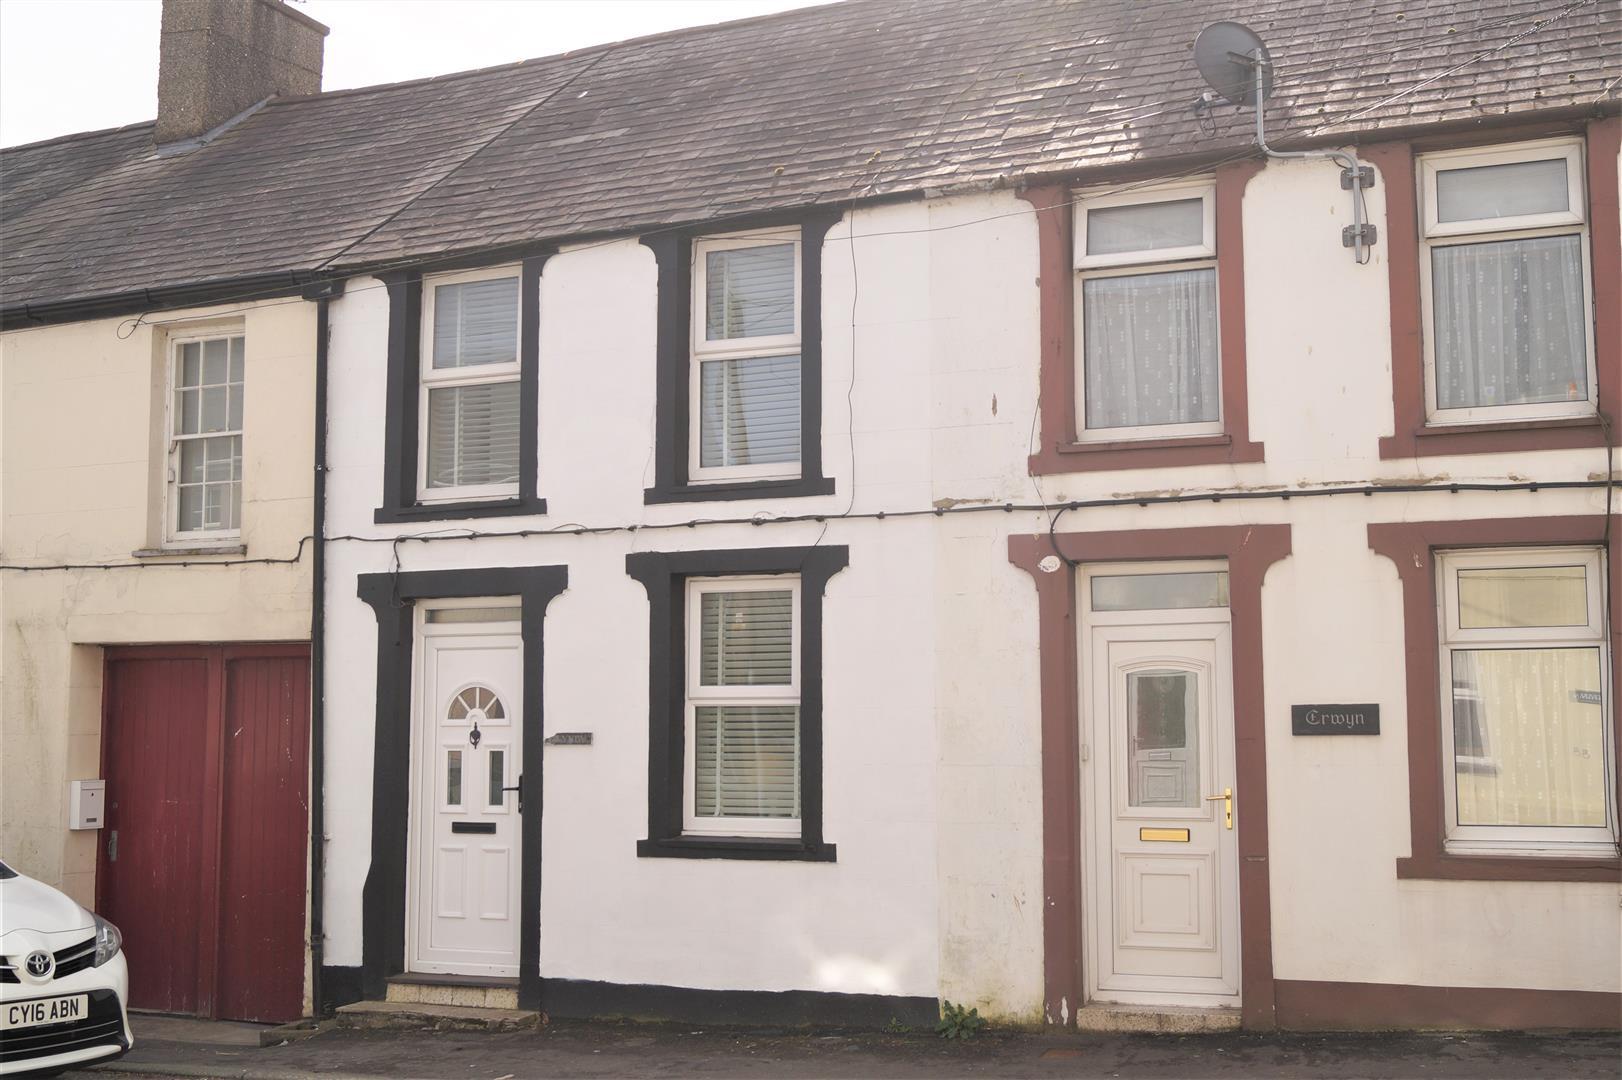 Madryn Terrace, Chwilog, Pwllheli